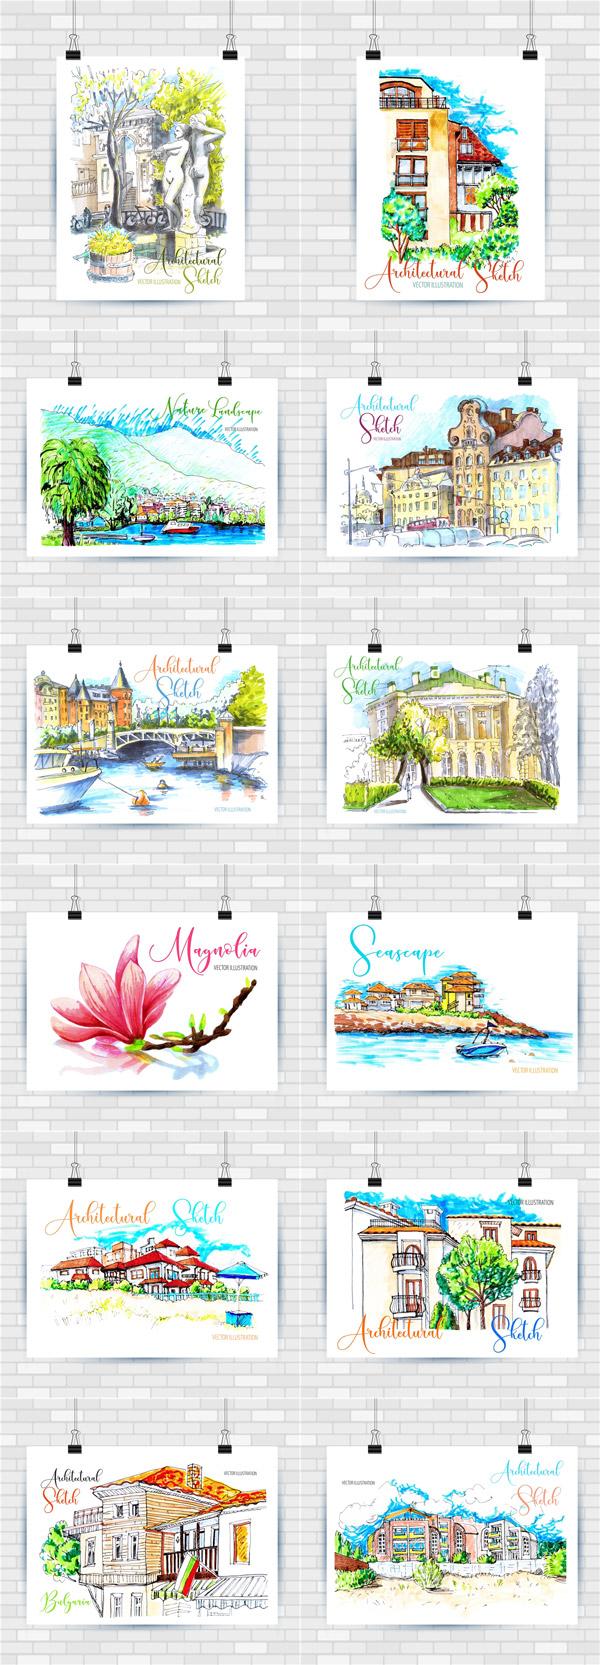 水彩城市风景插画